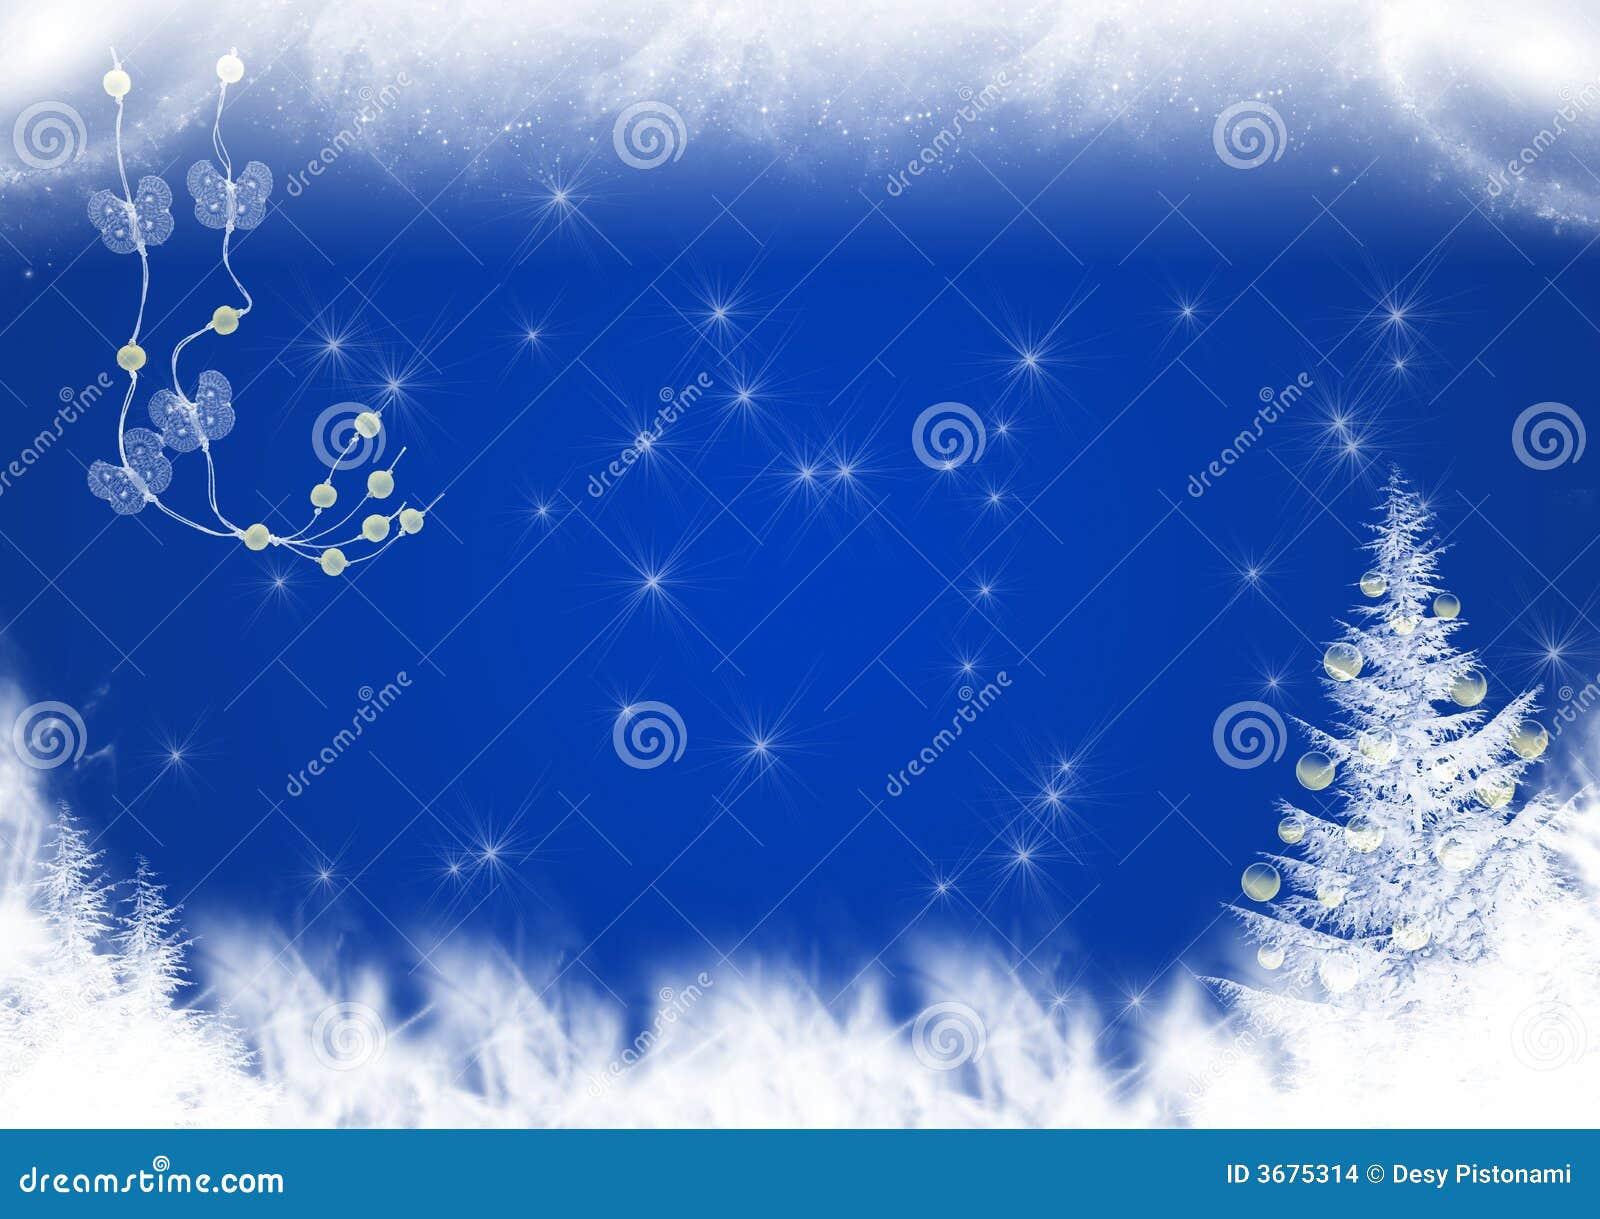 Download Albero di Natale illustrazione di stock. Illustrazione di cristallo - 3675314